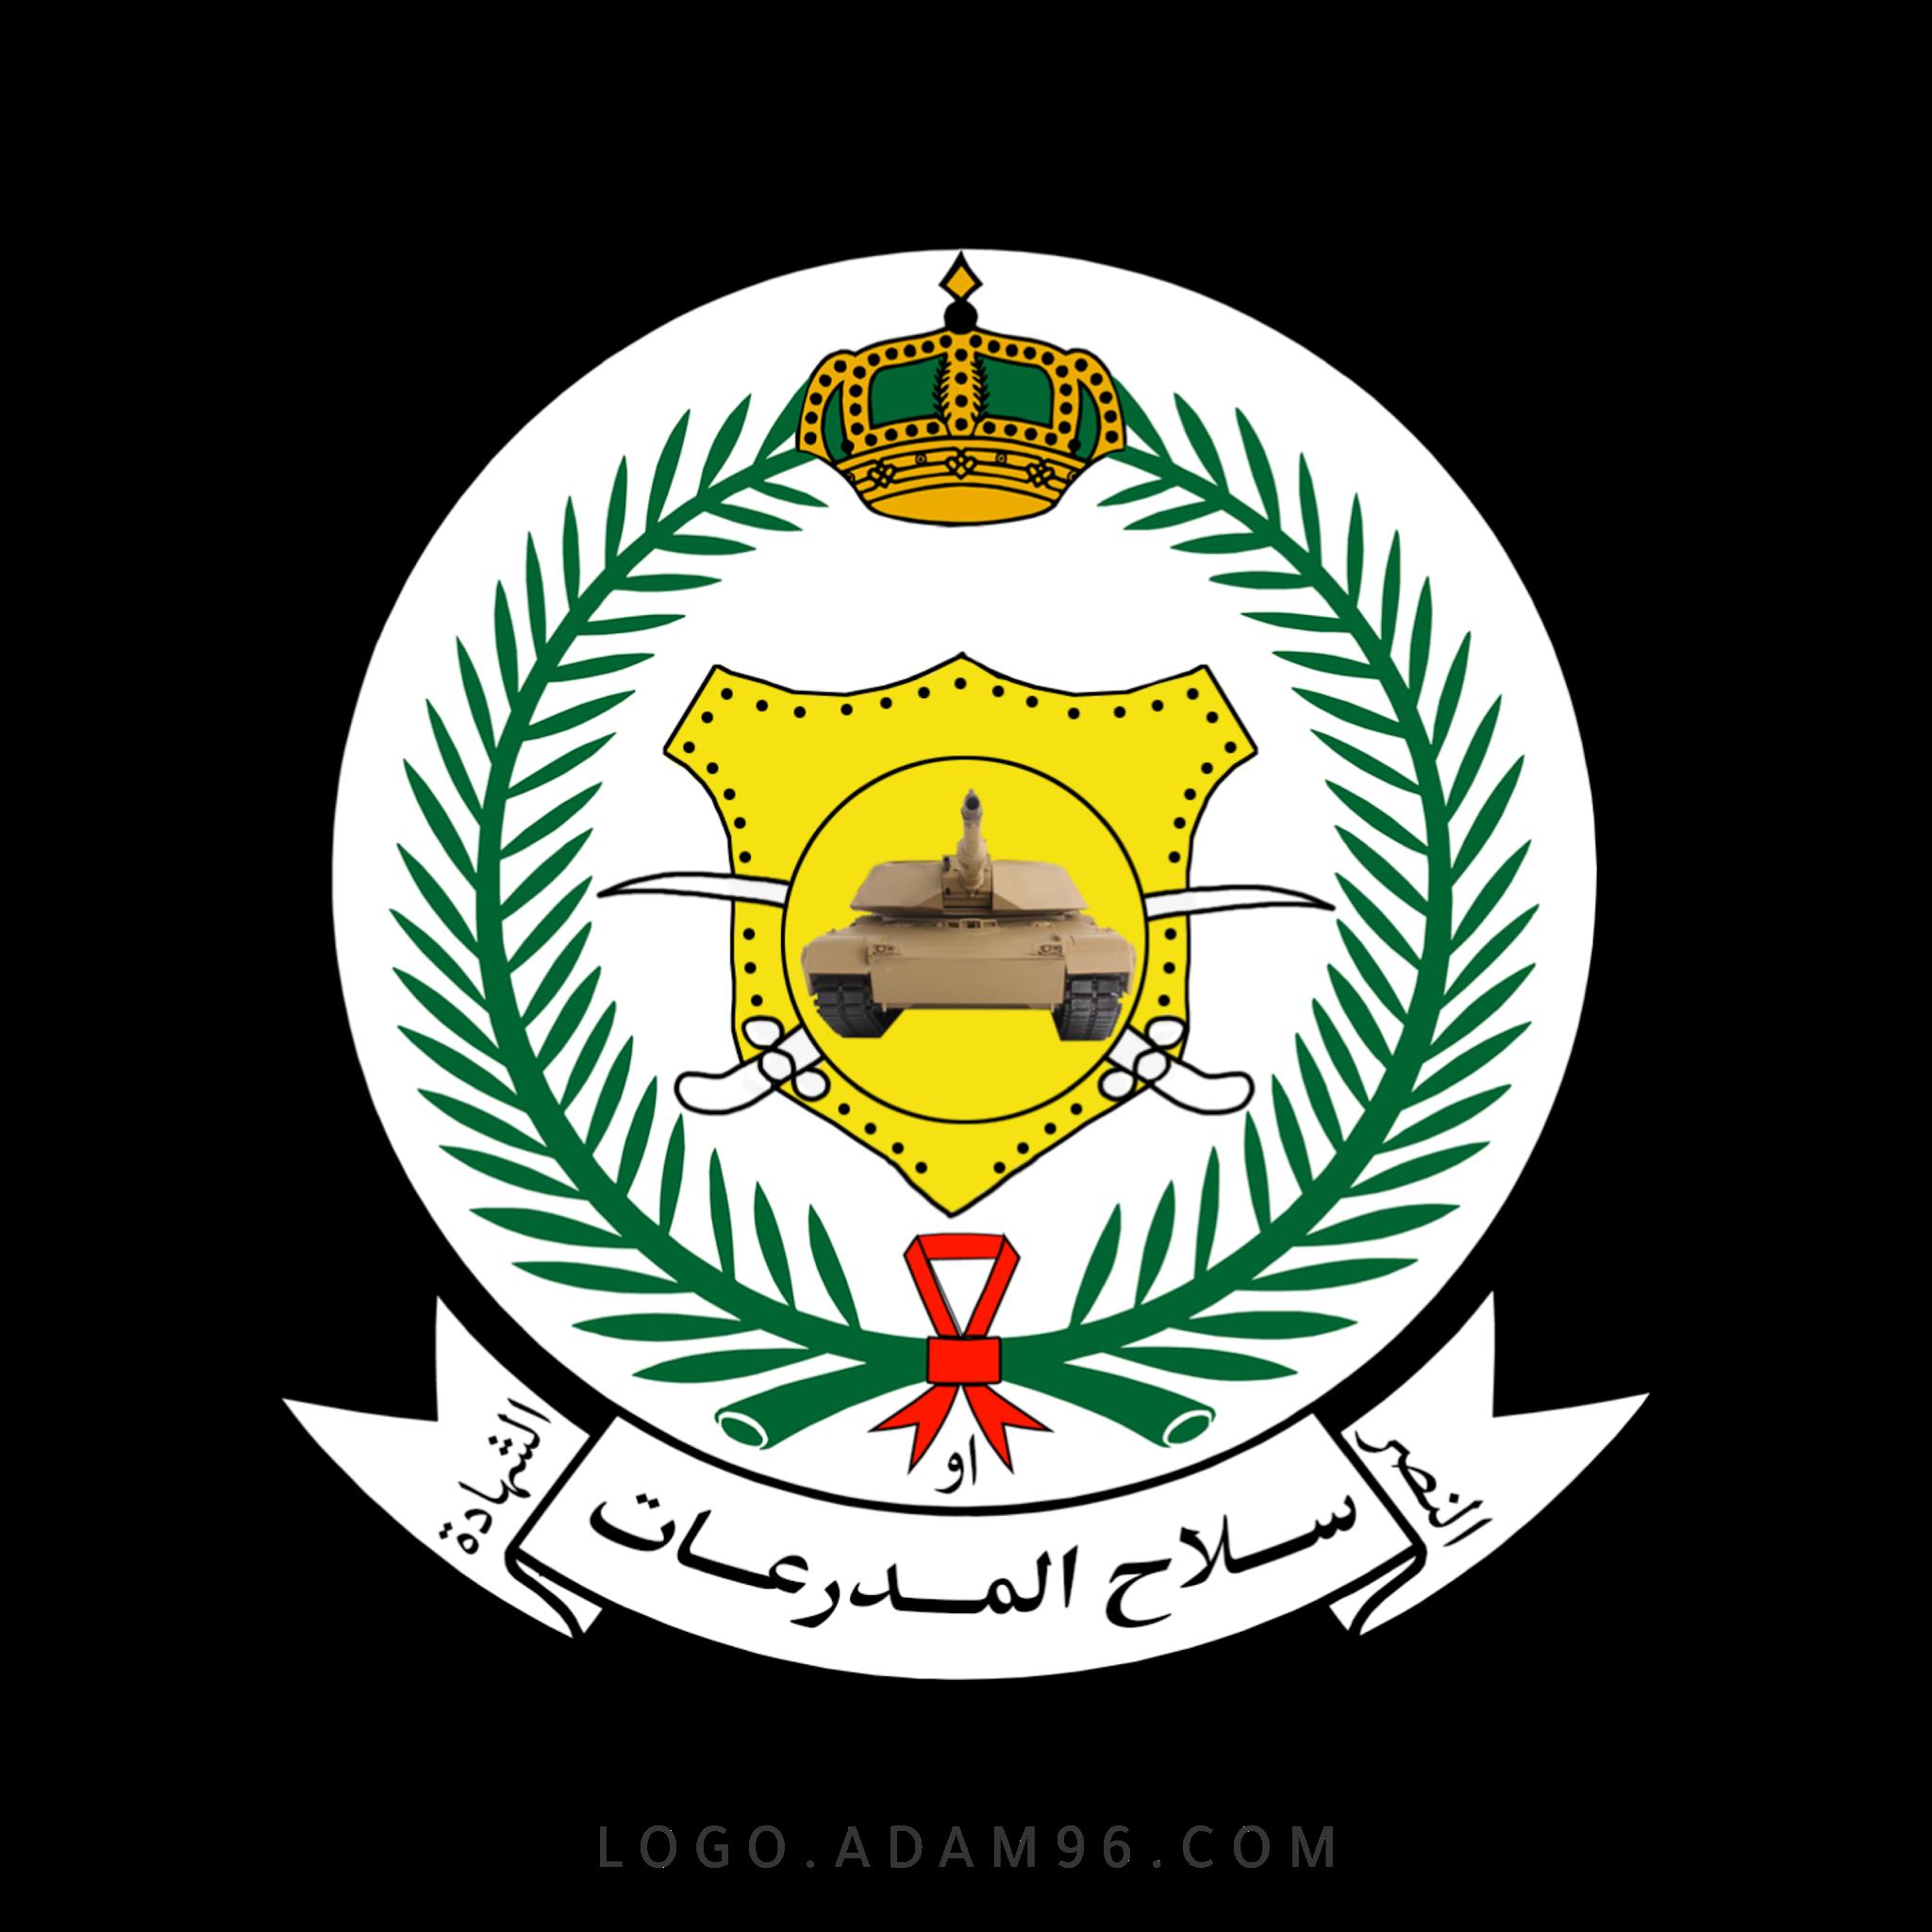 تحميل شعار سلاح المدرعات لوجو رسمي عالي الجودة PNG